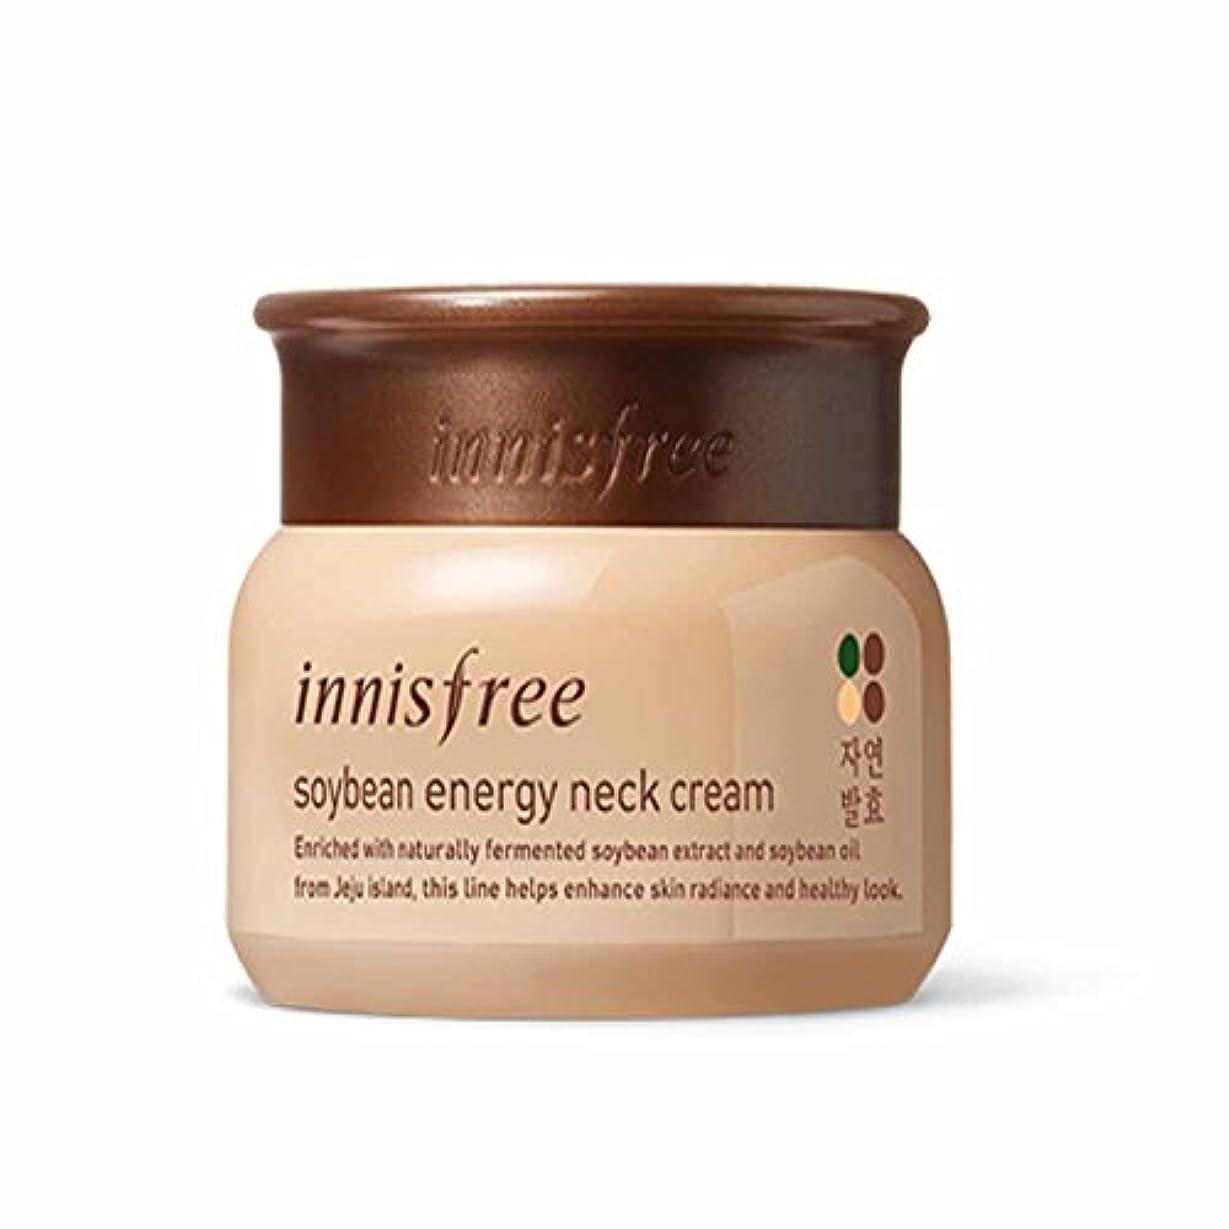 イニスフリーソーイングエナジーネッククリーム80ml / Innisfree Soybean Energy Neck Cream 80ml[海外直送品] [並行輸入品]